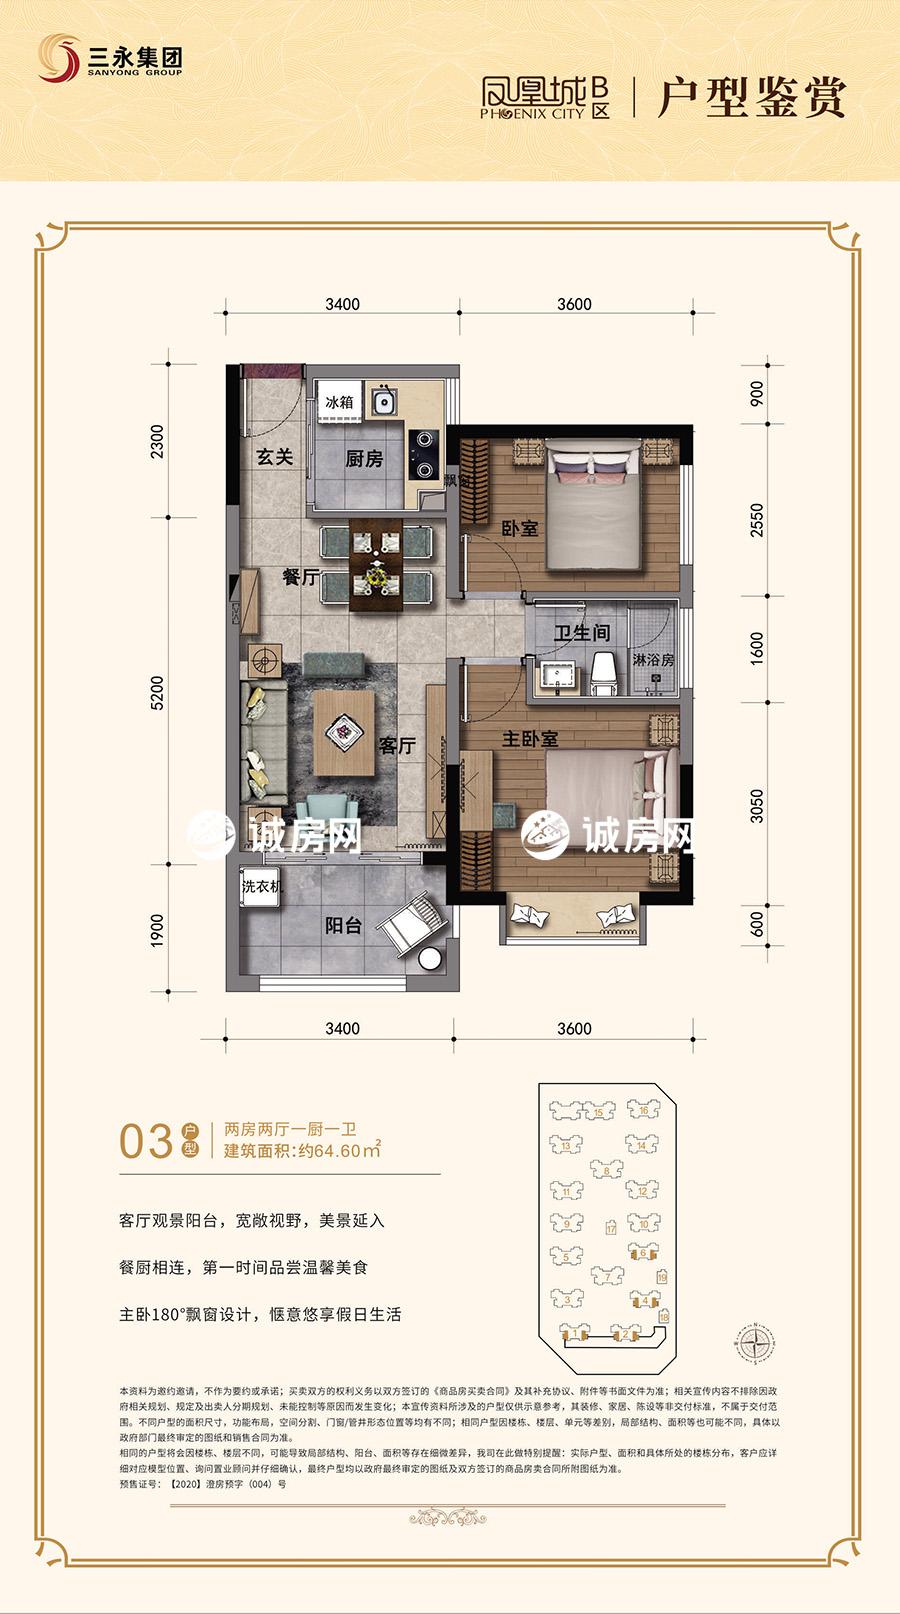 三永鳳凰城B區2房2廳1廚1衛